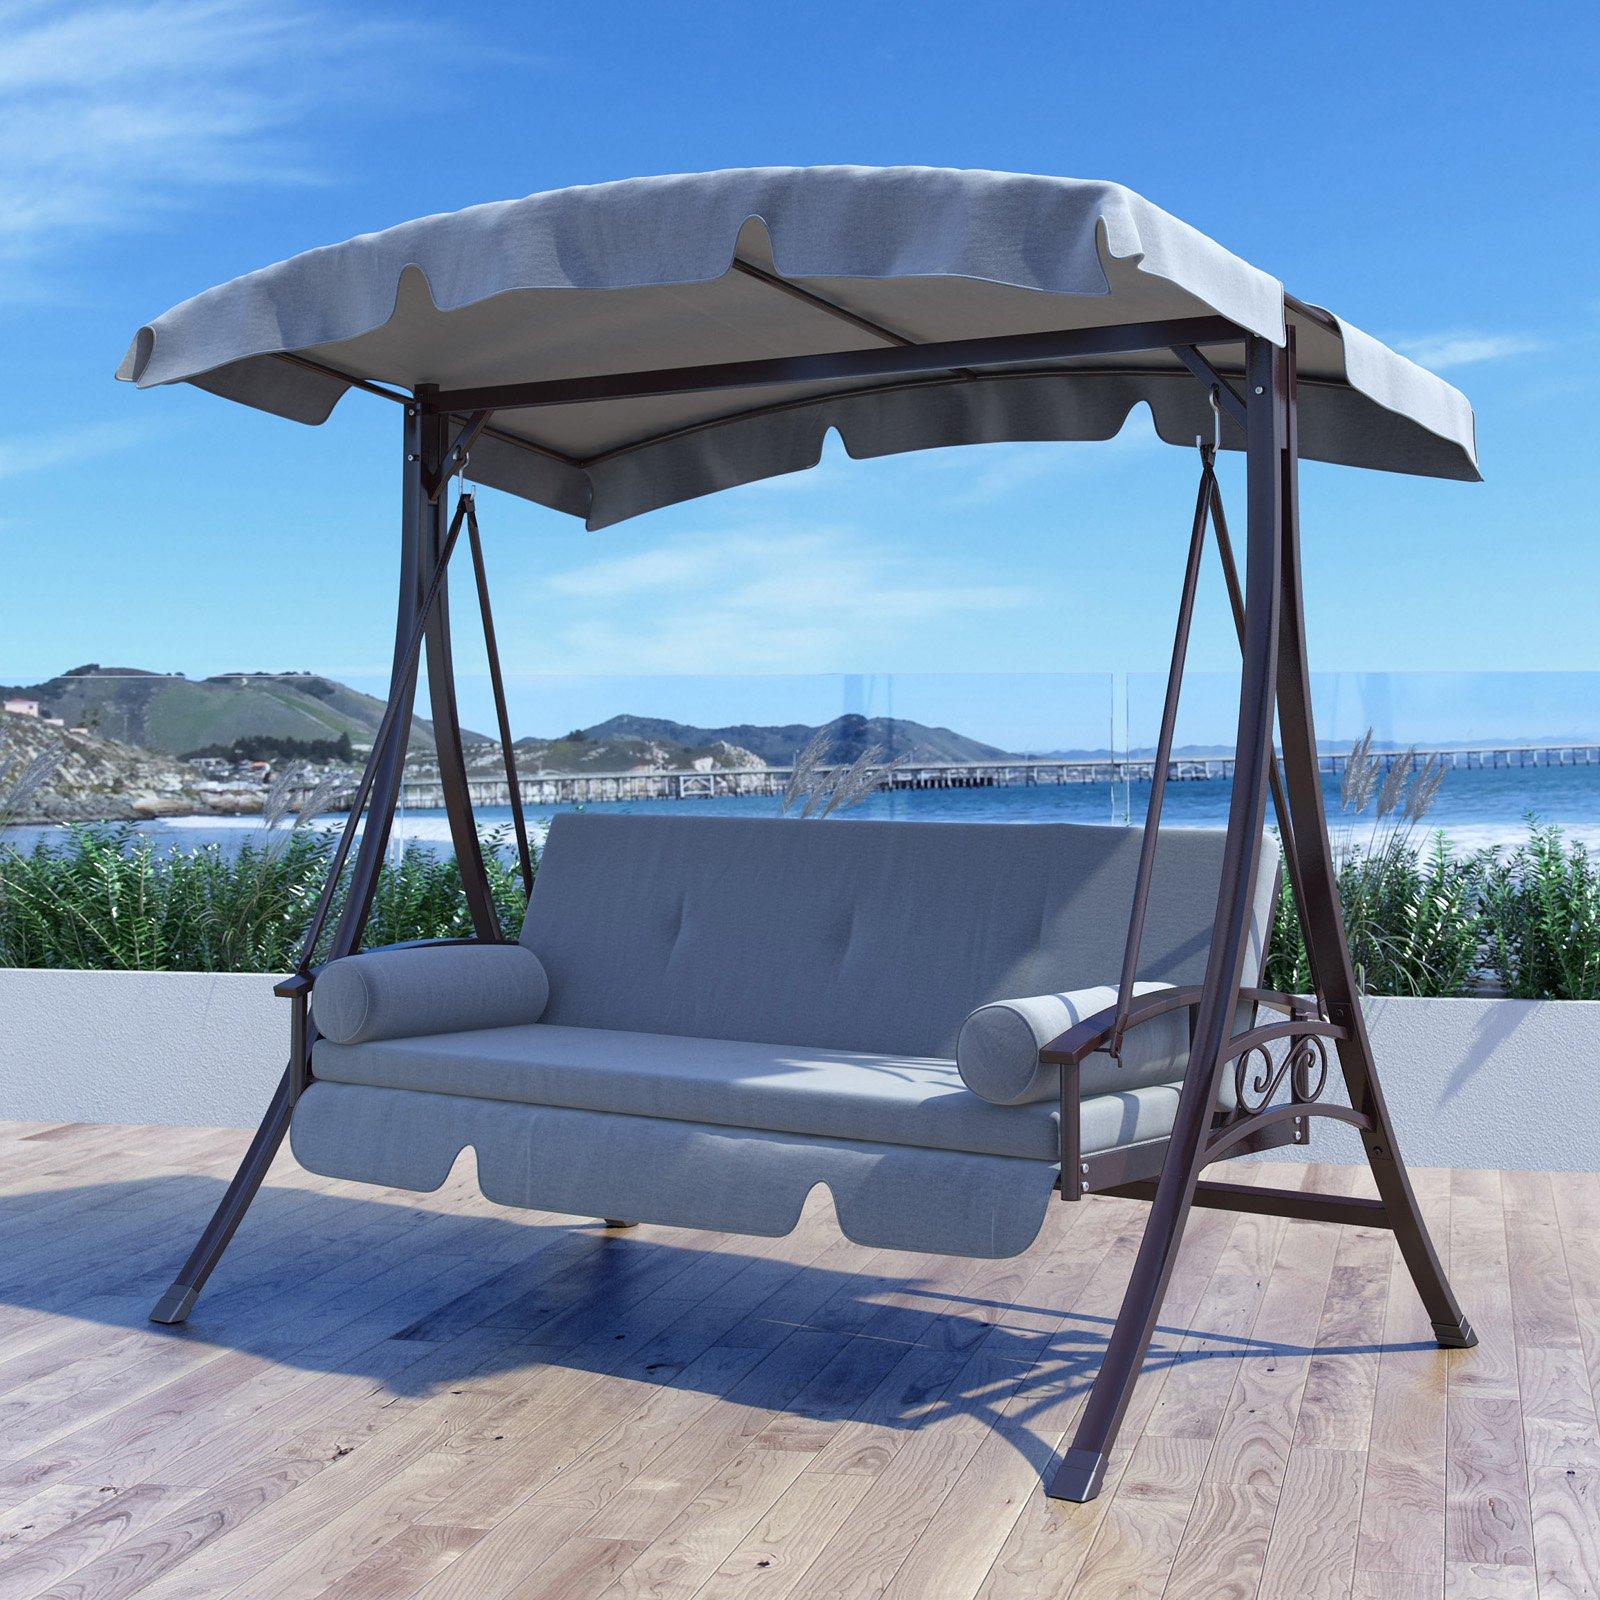 CorLiving Nantucket Steel Patio Swing Bed